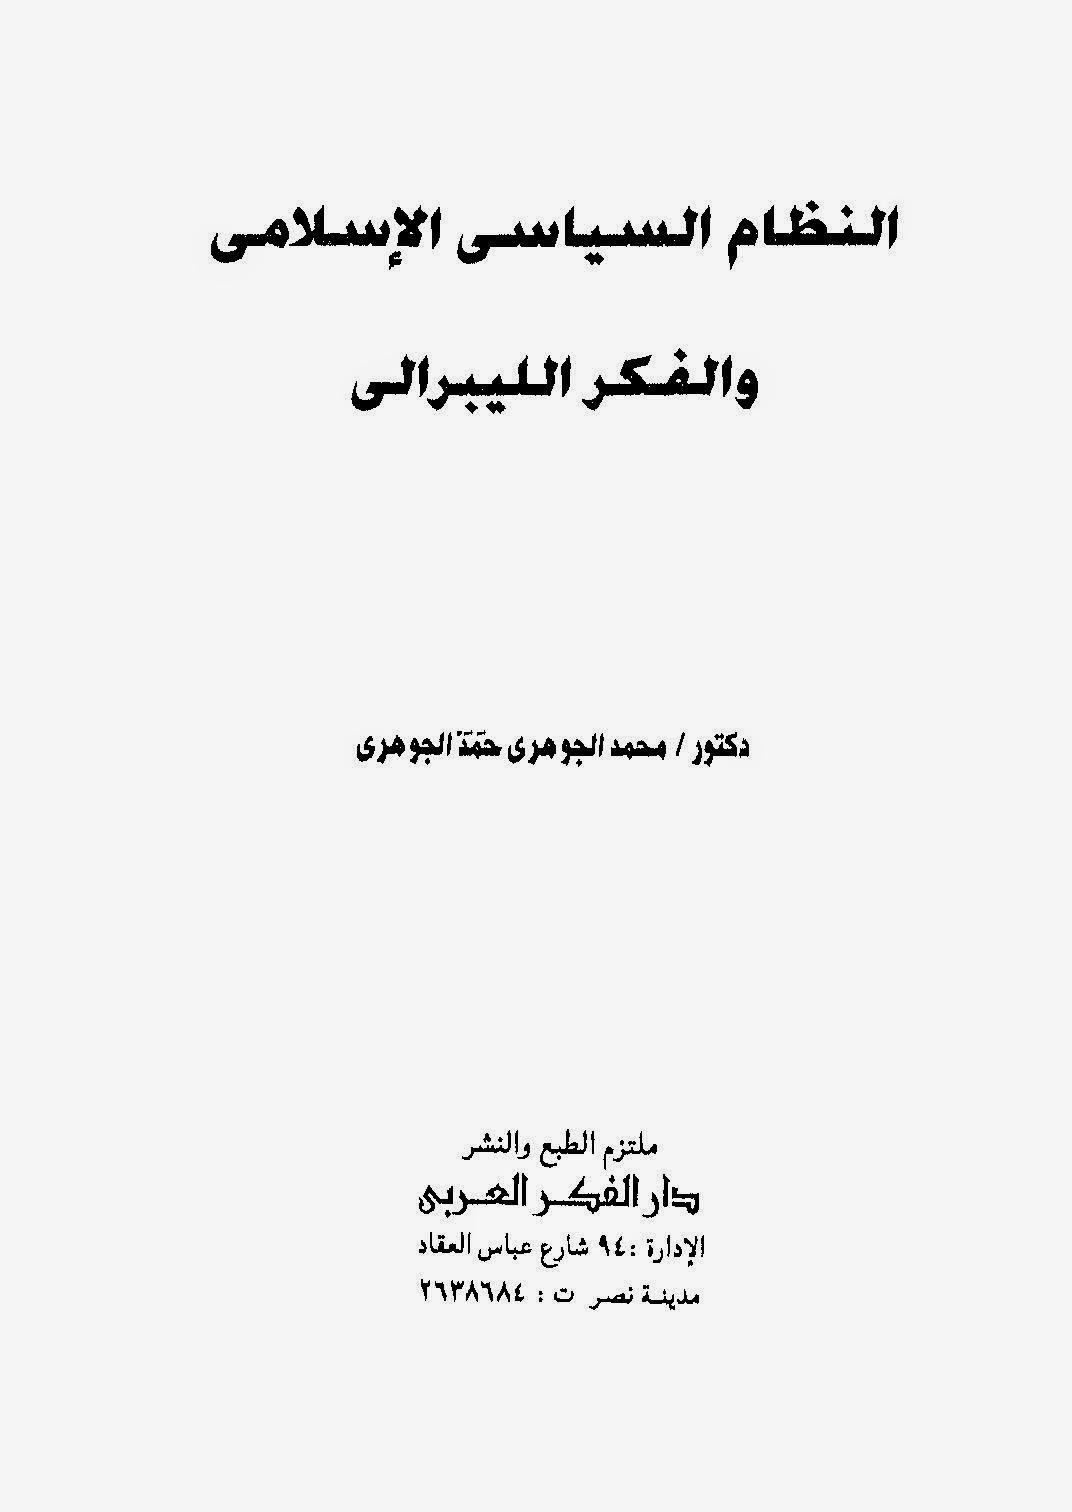 النظام السياسي الإسلامي والفكر الليبرالي - محمد الجوهري pdf